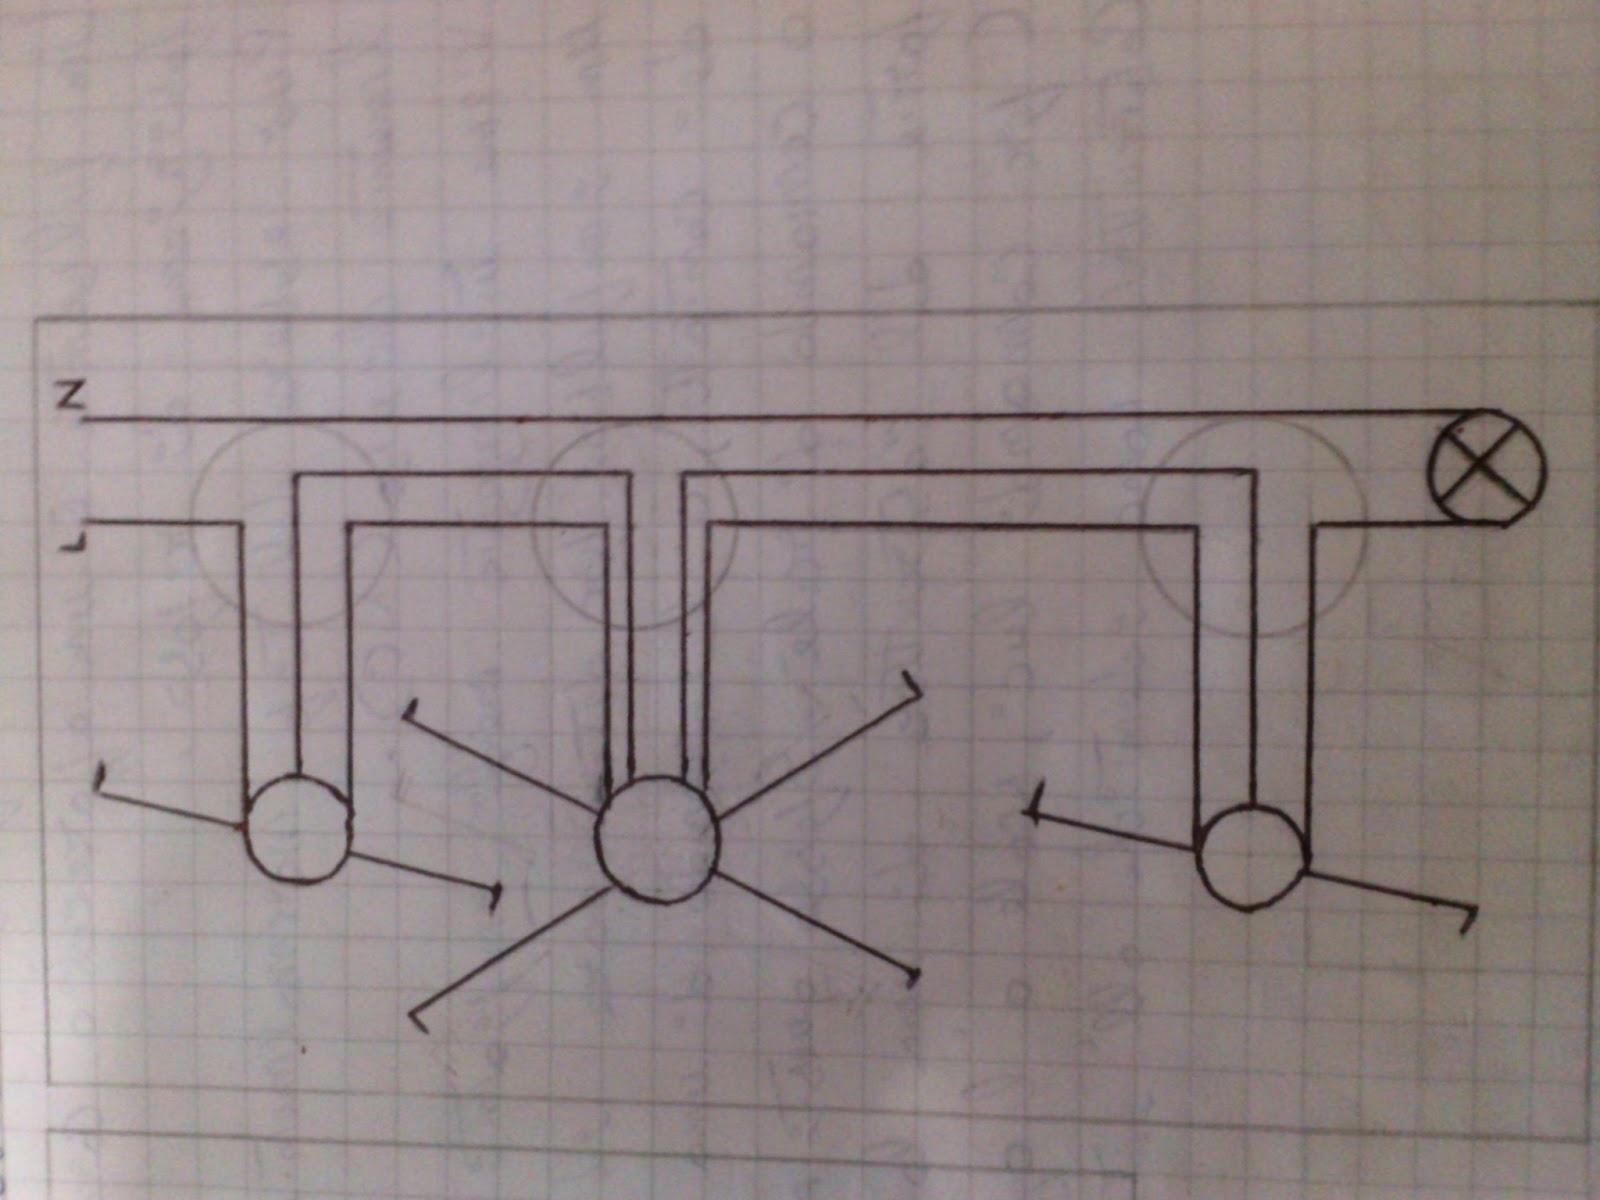 Schema Elettrico : Schema elettrico lampadario con ventilatore